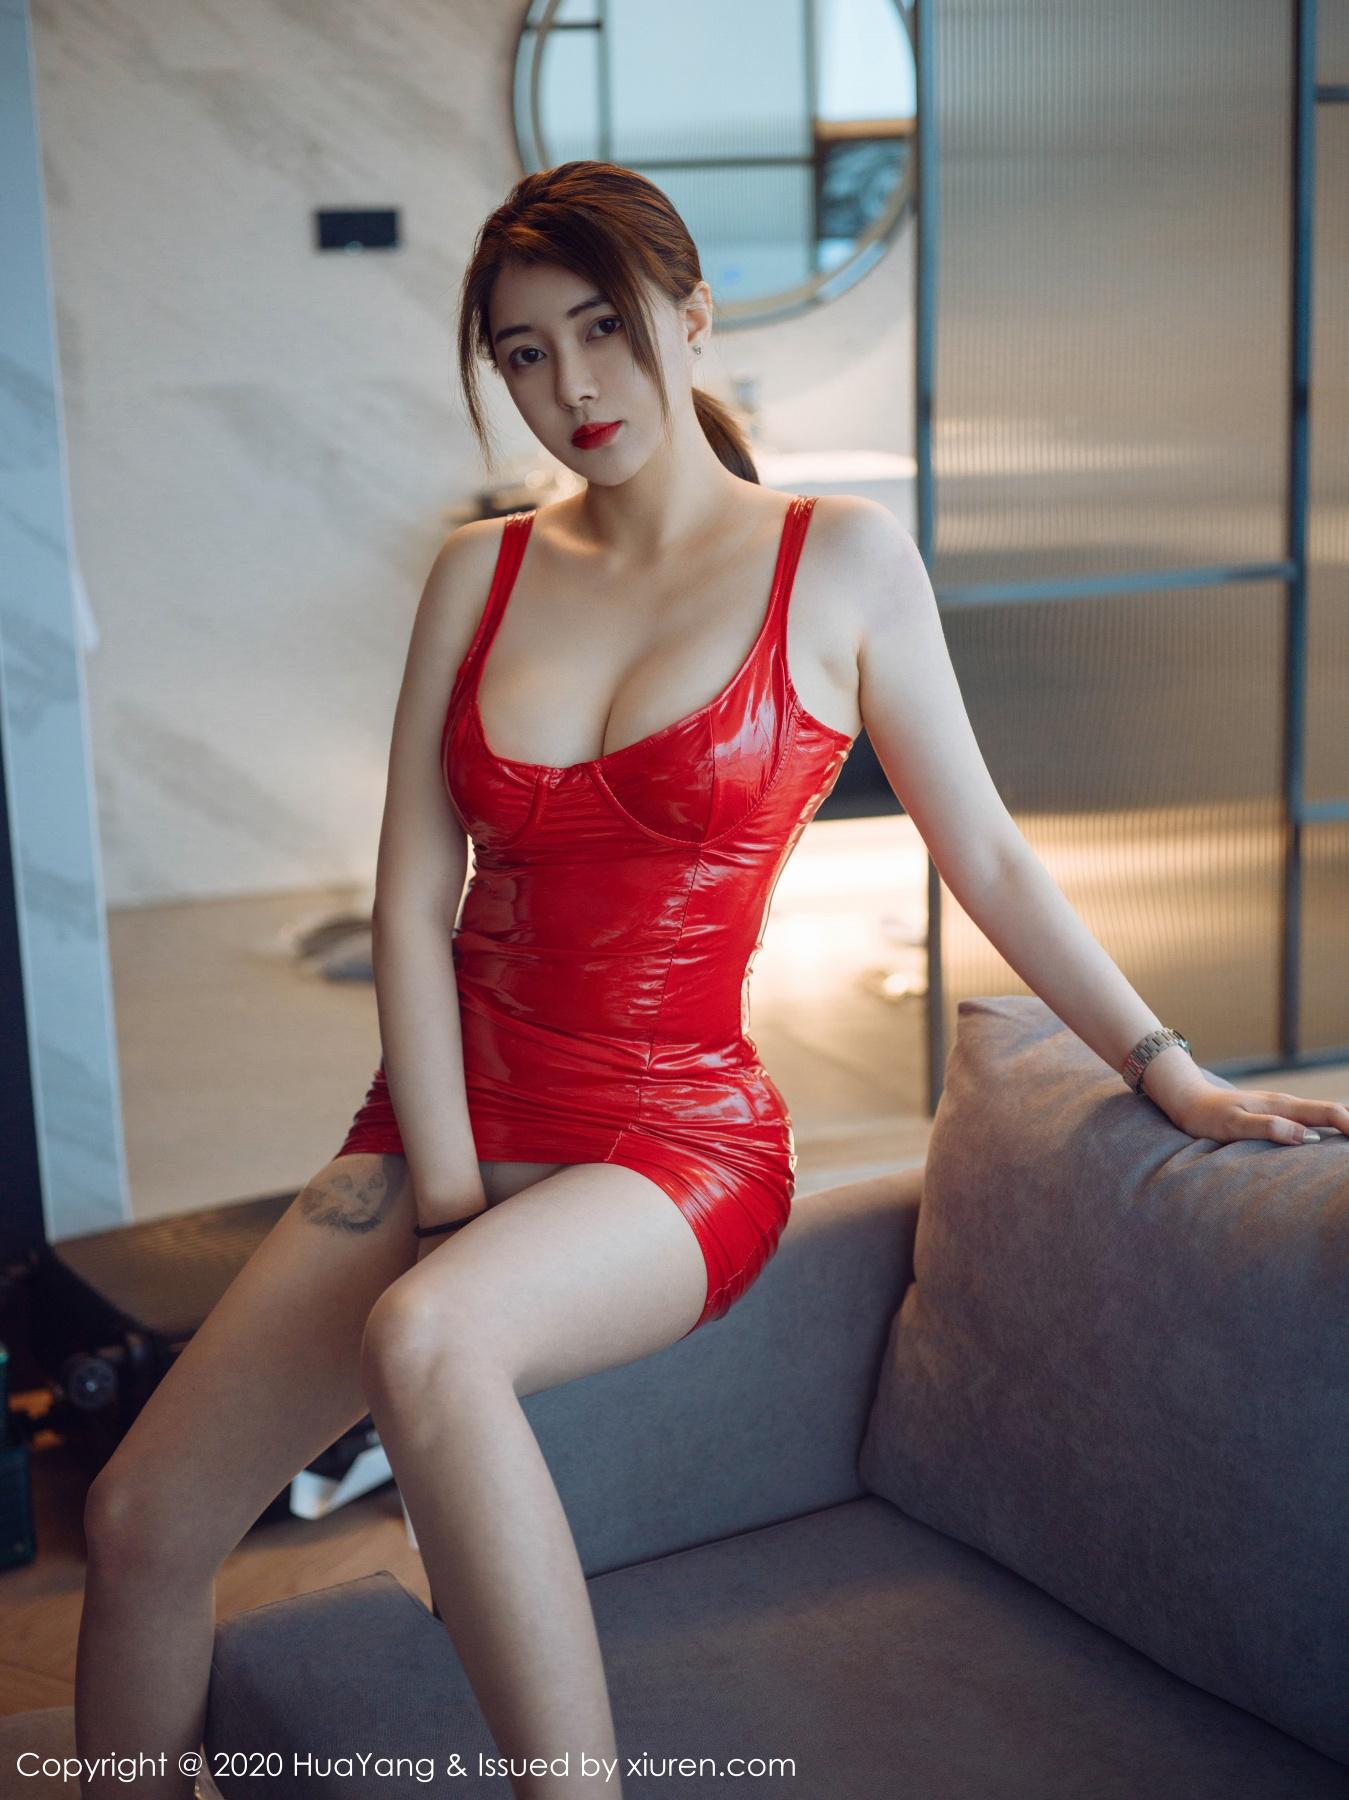 花漾写真 [HuaYang] 2020.12.31 VOL.345 凯竹•廿十